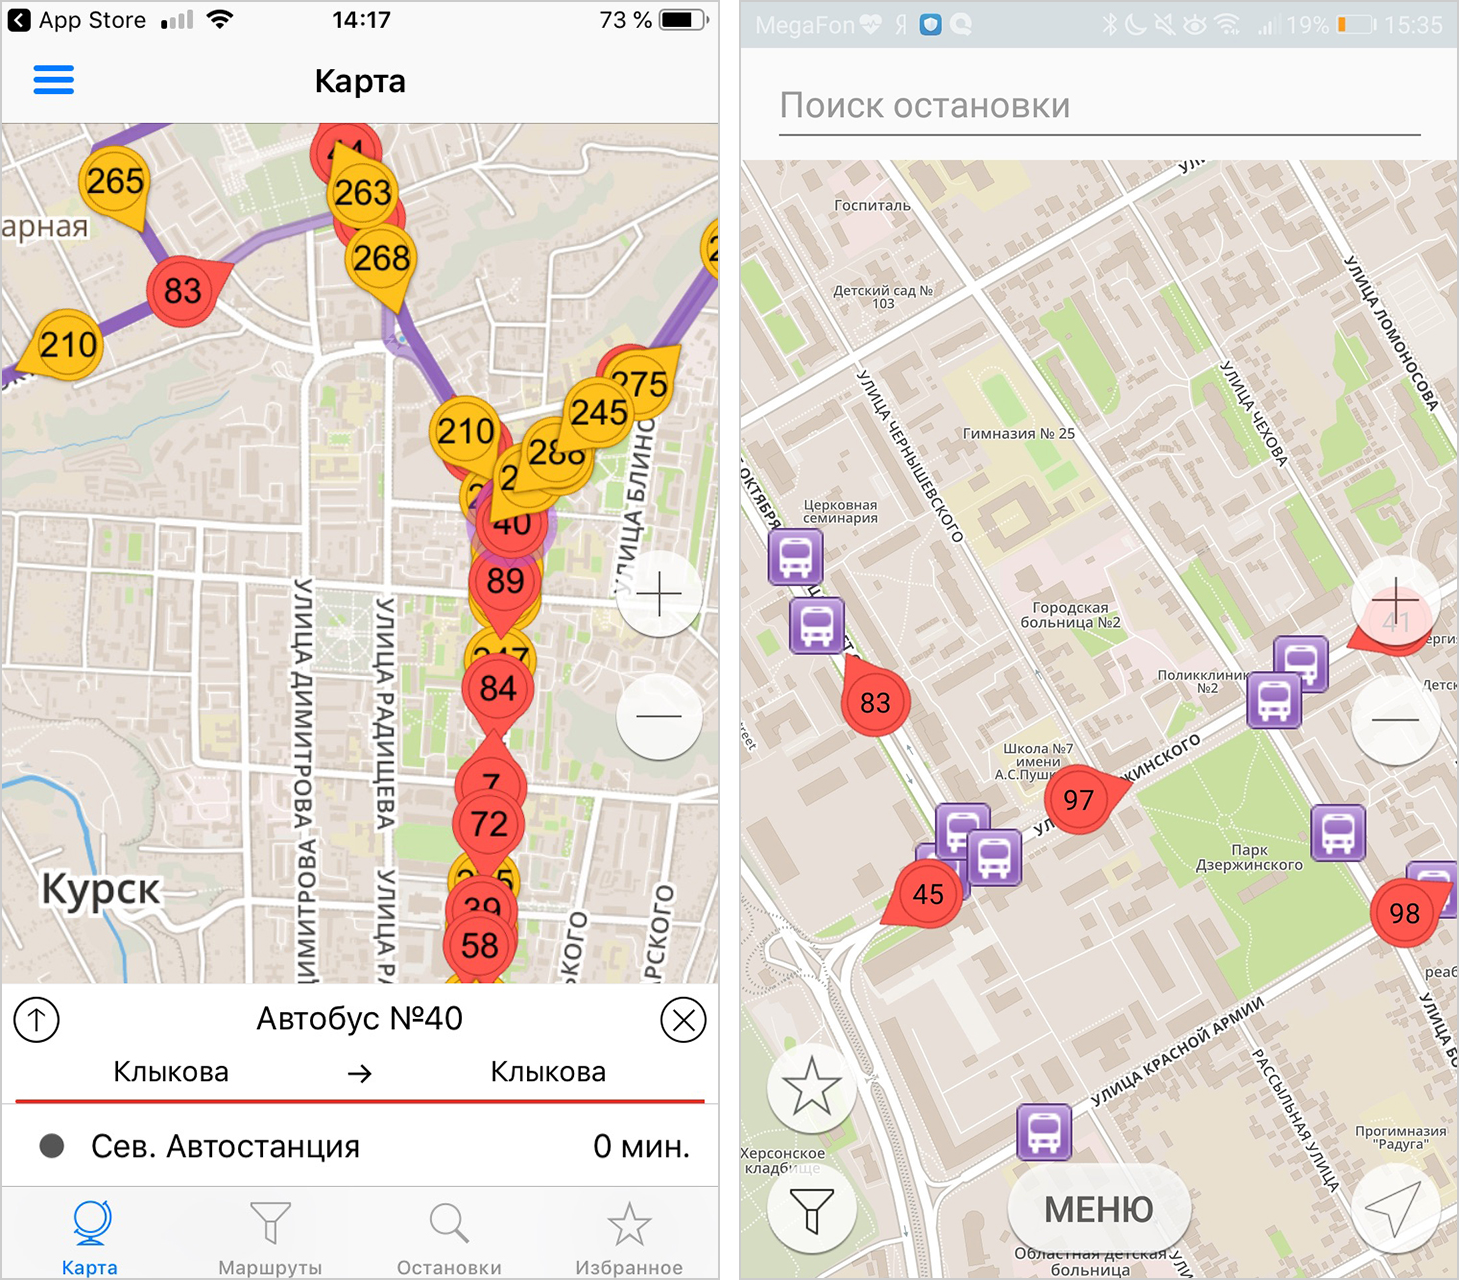 «Умный транспорт» показывает, где едут автобусы и насколько они заполнены